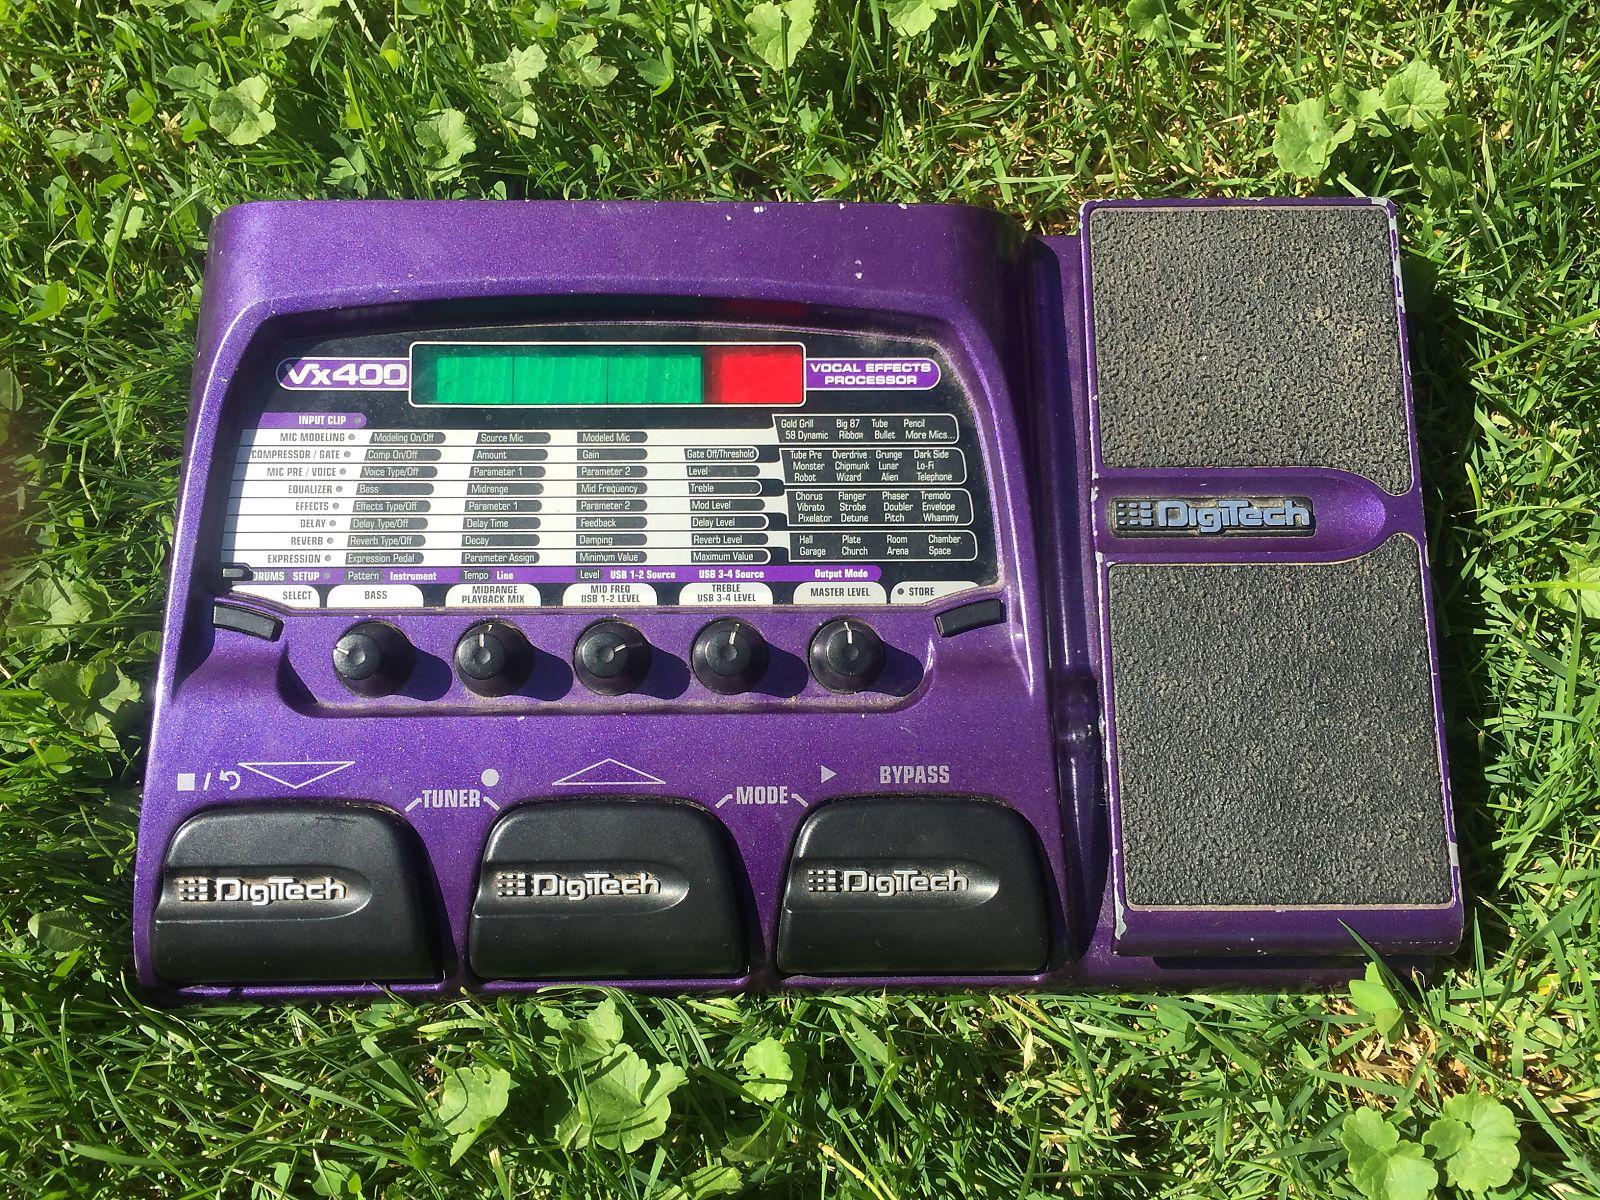 DIGITECH VX400 DRIVERS FOR WINDOWS 7